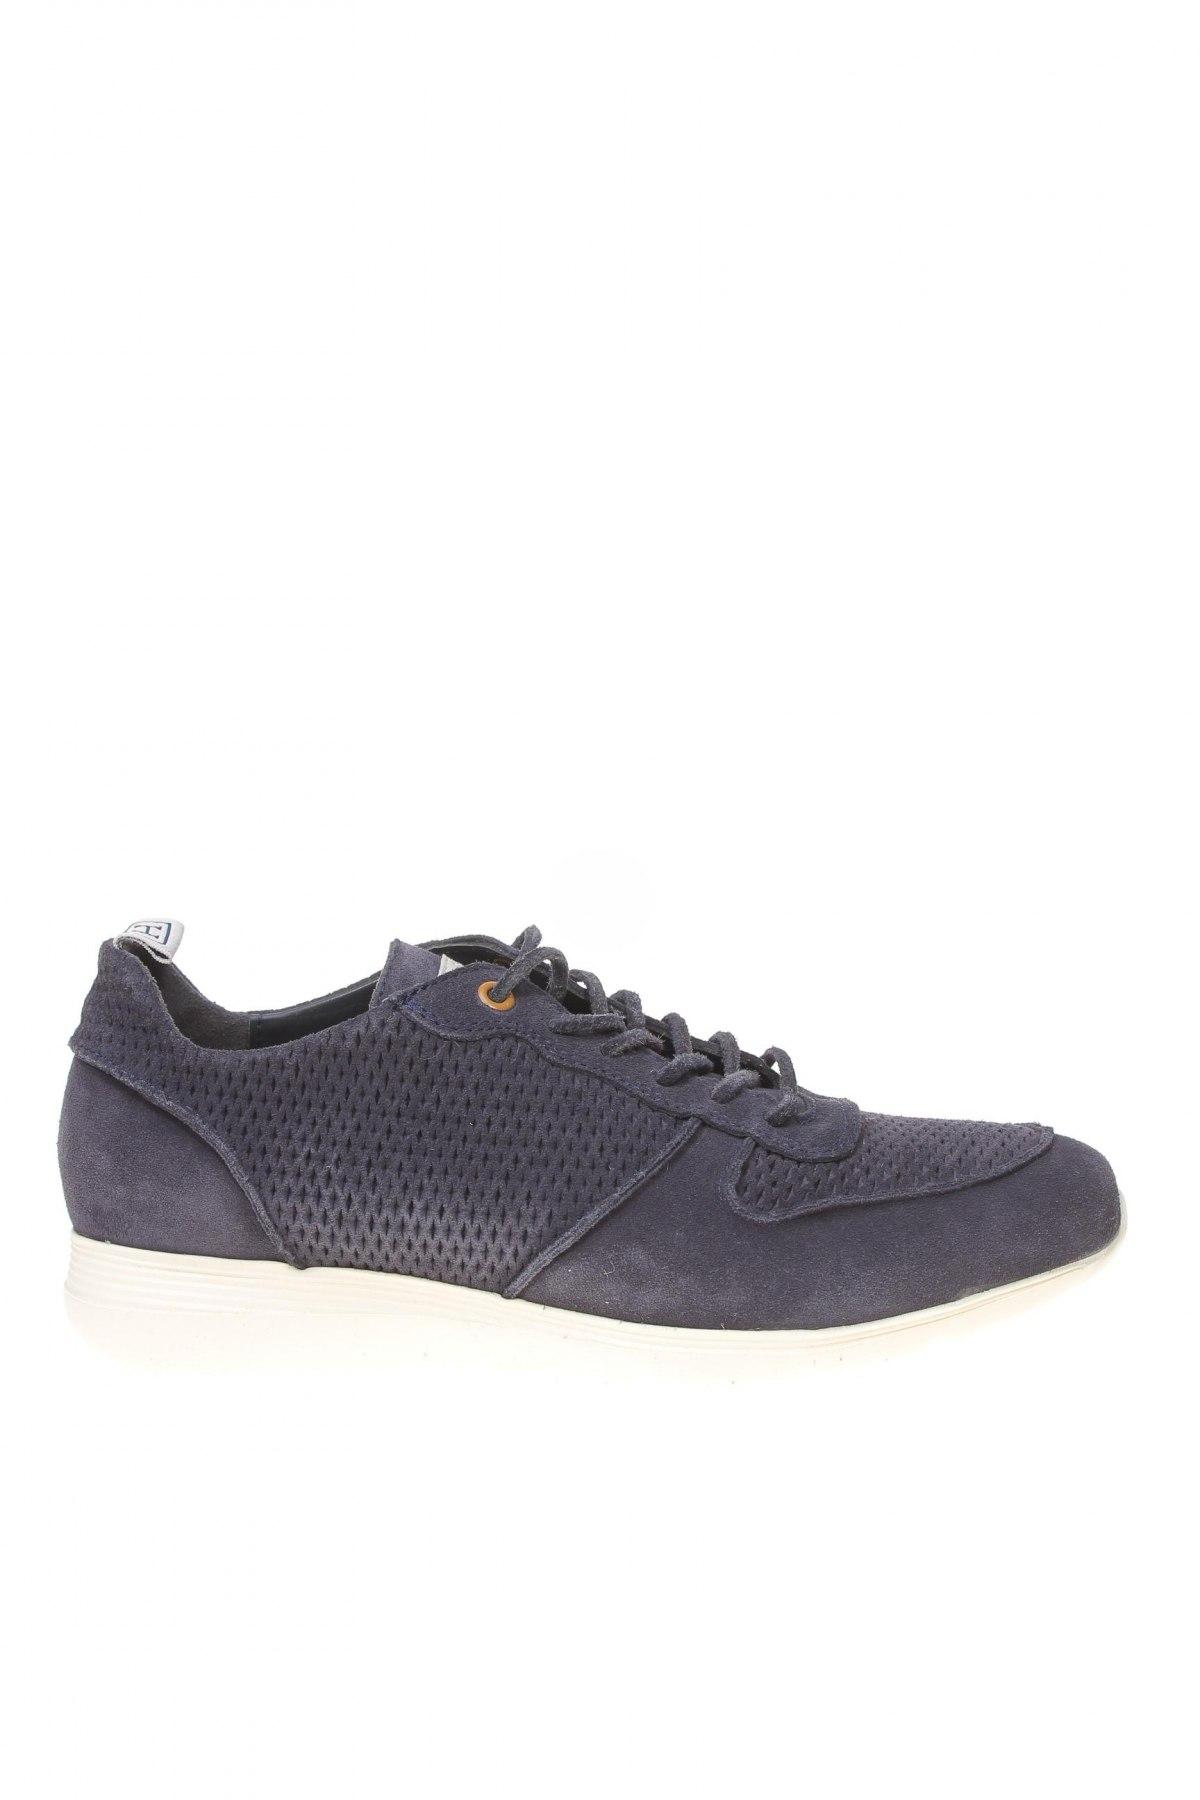 Ανδρικά παπούτσια Hackett, Μέγεθος 41, Χρώμα Μπλέ, Φυσικό σουέτ, Τιμή 111,73€